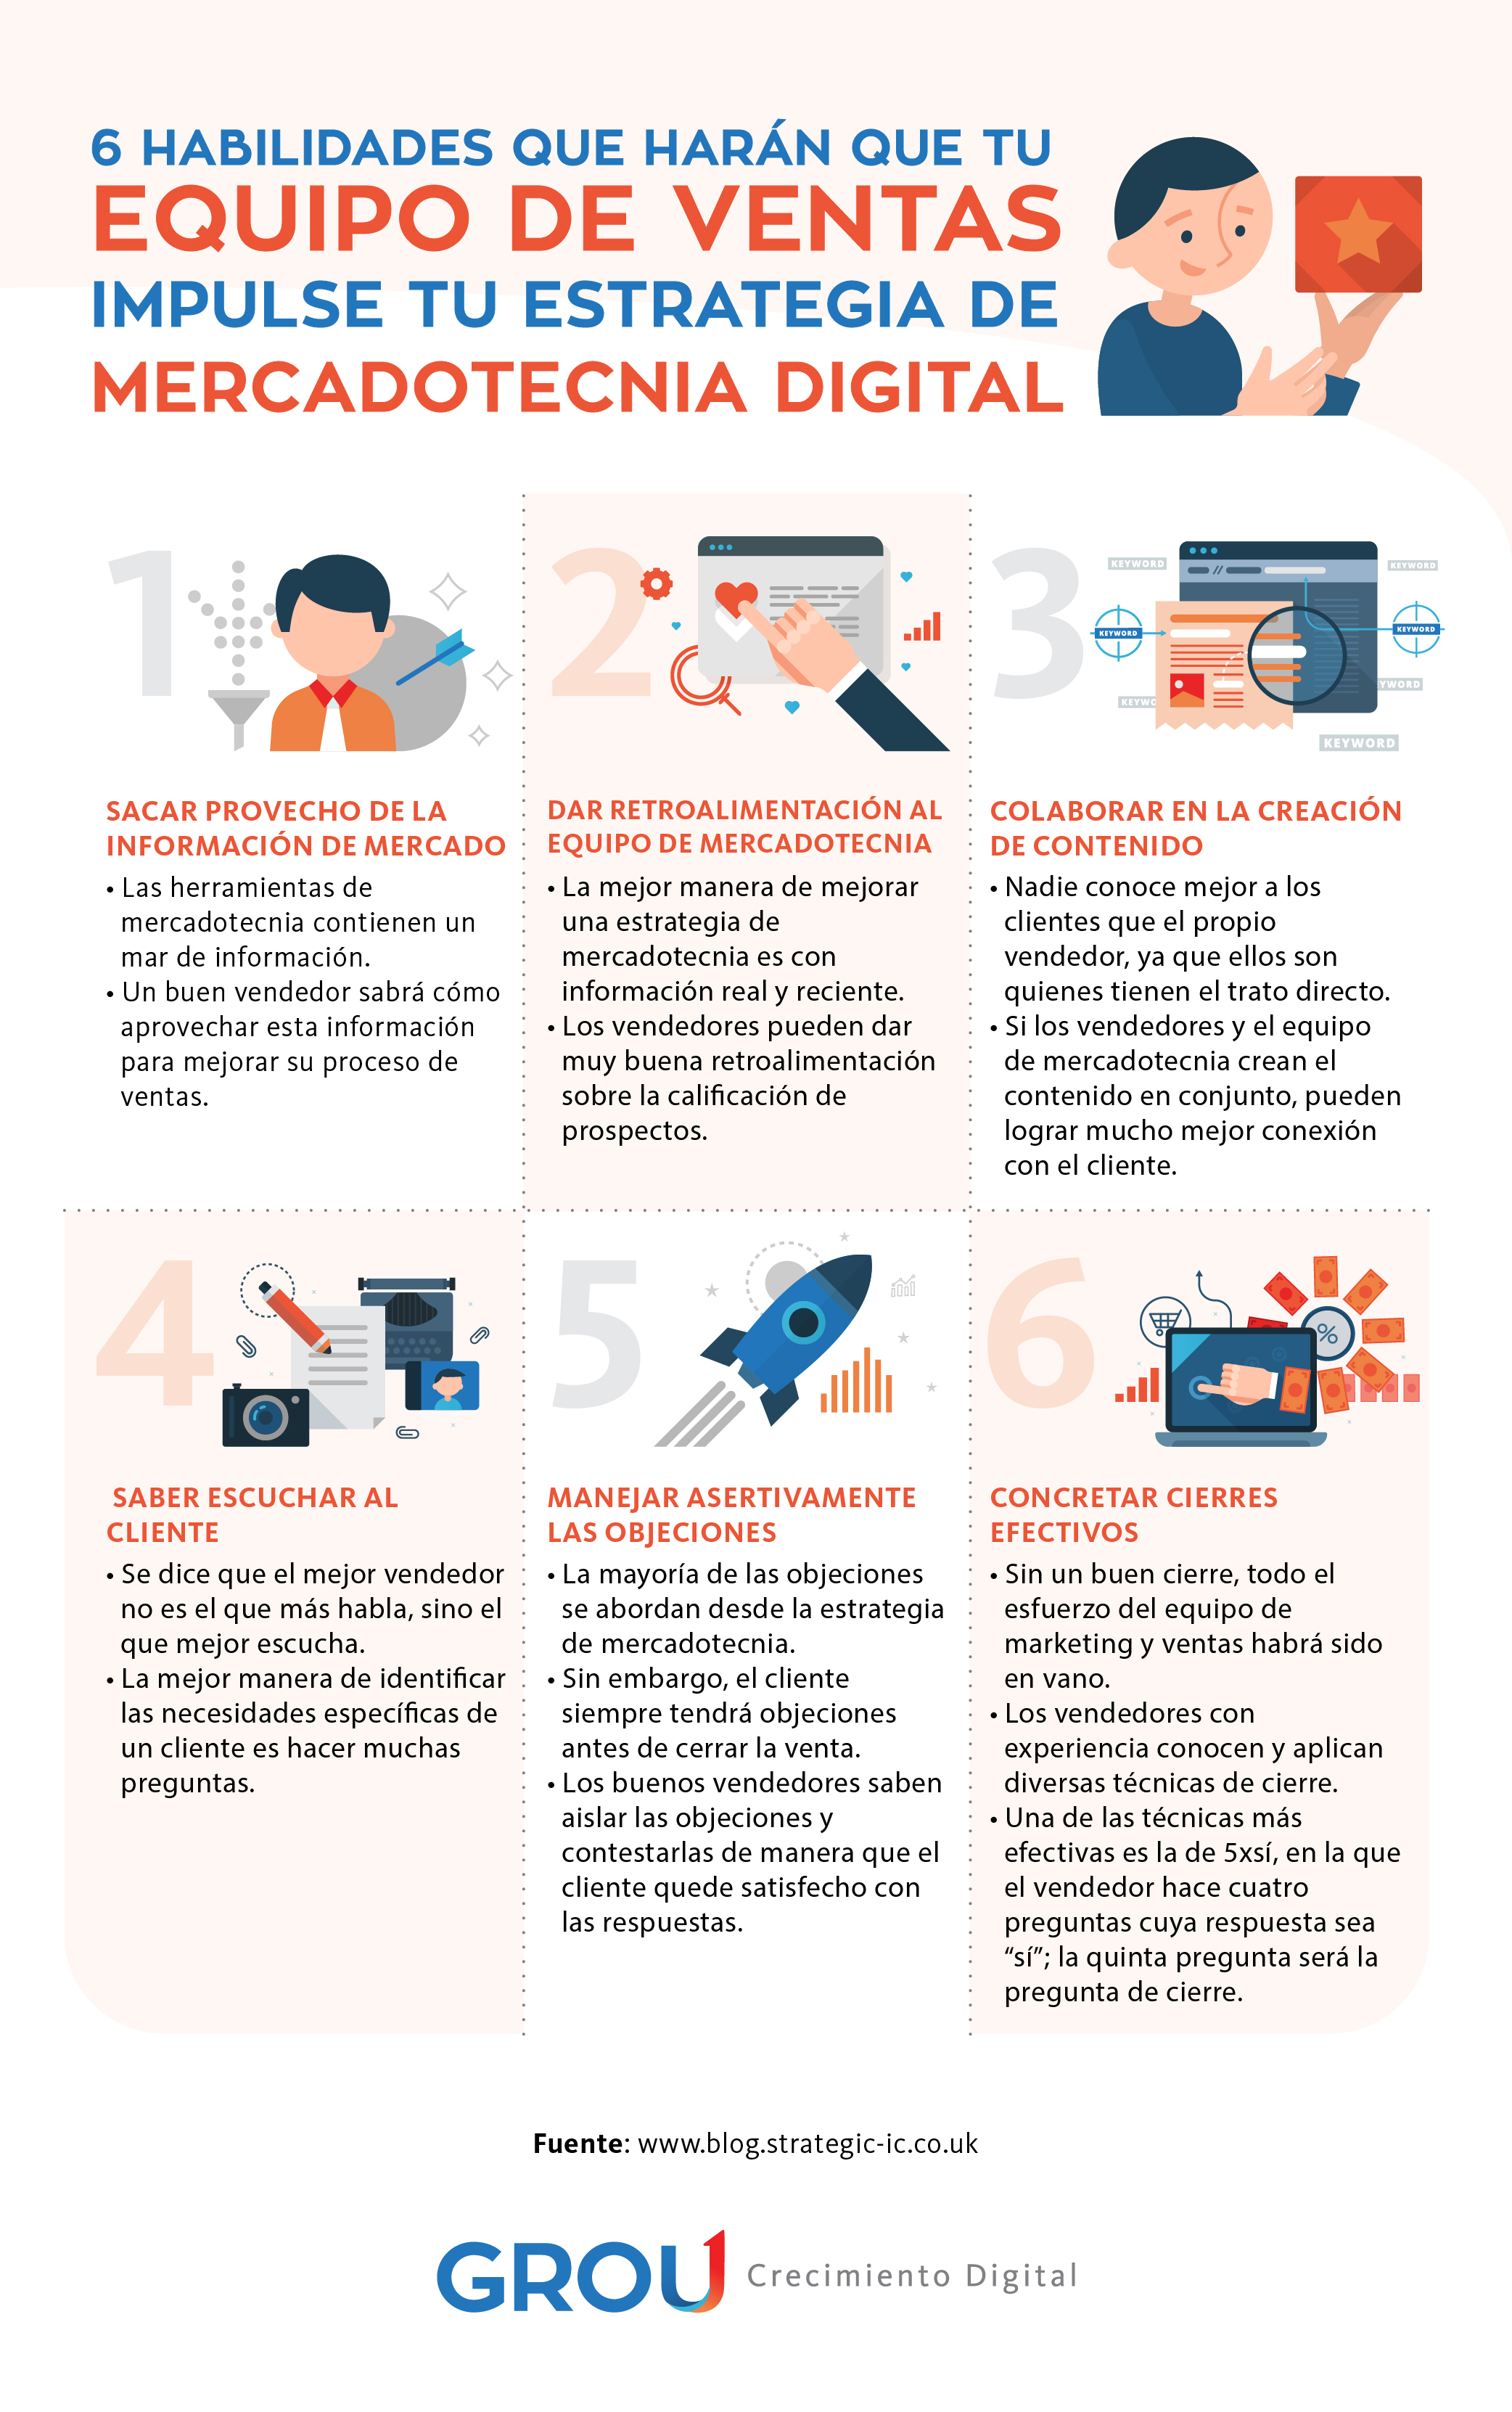 GROU-Infografia-Blog-no-5-FEB